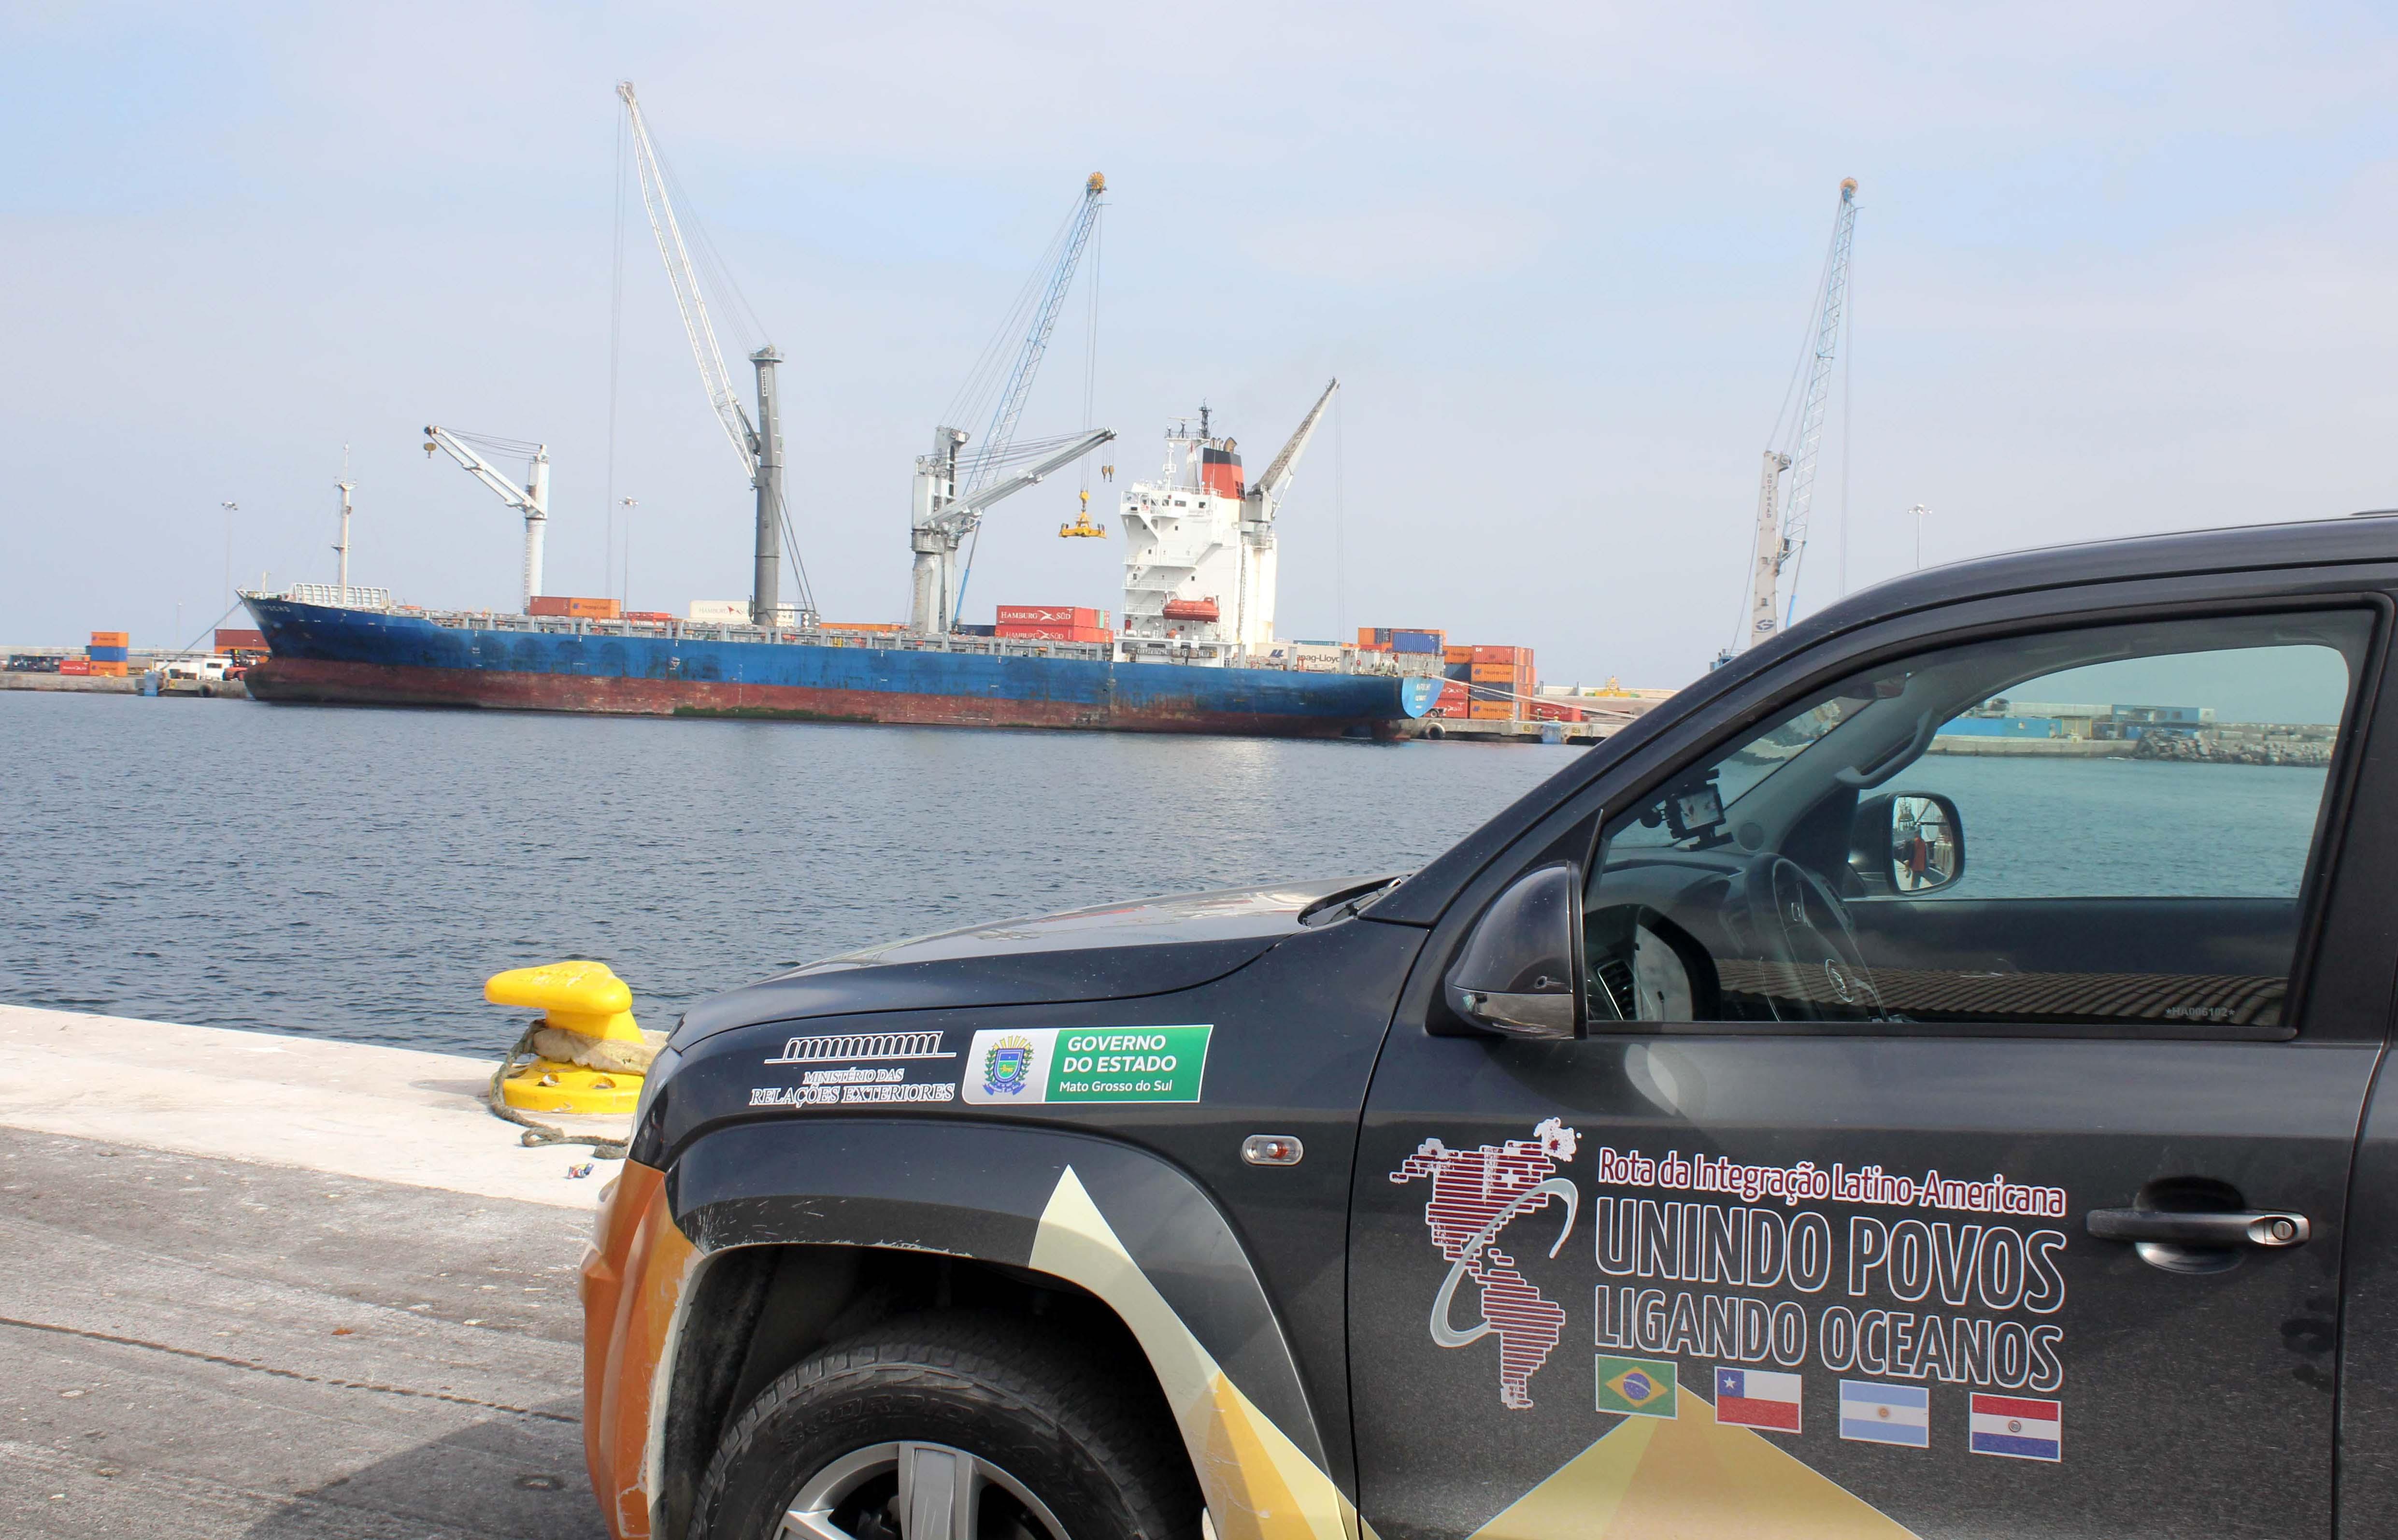 Murtinho participará da II Expedição da Rota de Integração Latino-Americana com destino aos portos do Chile.